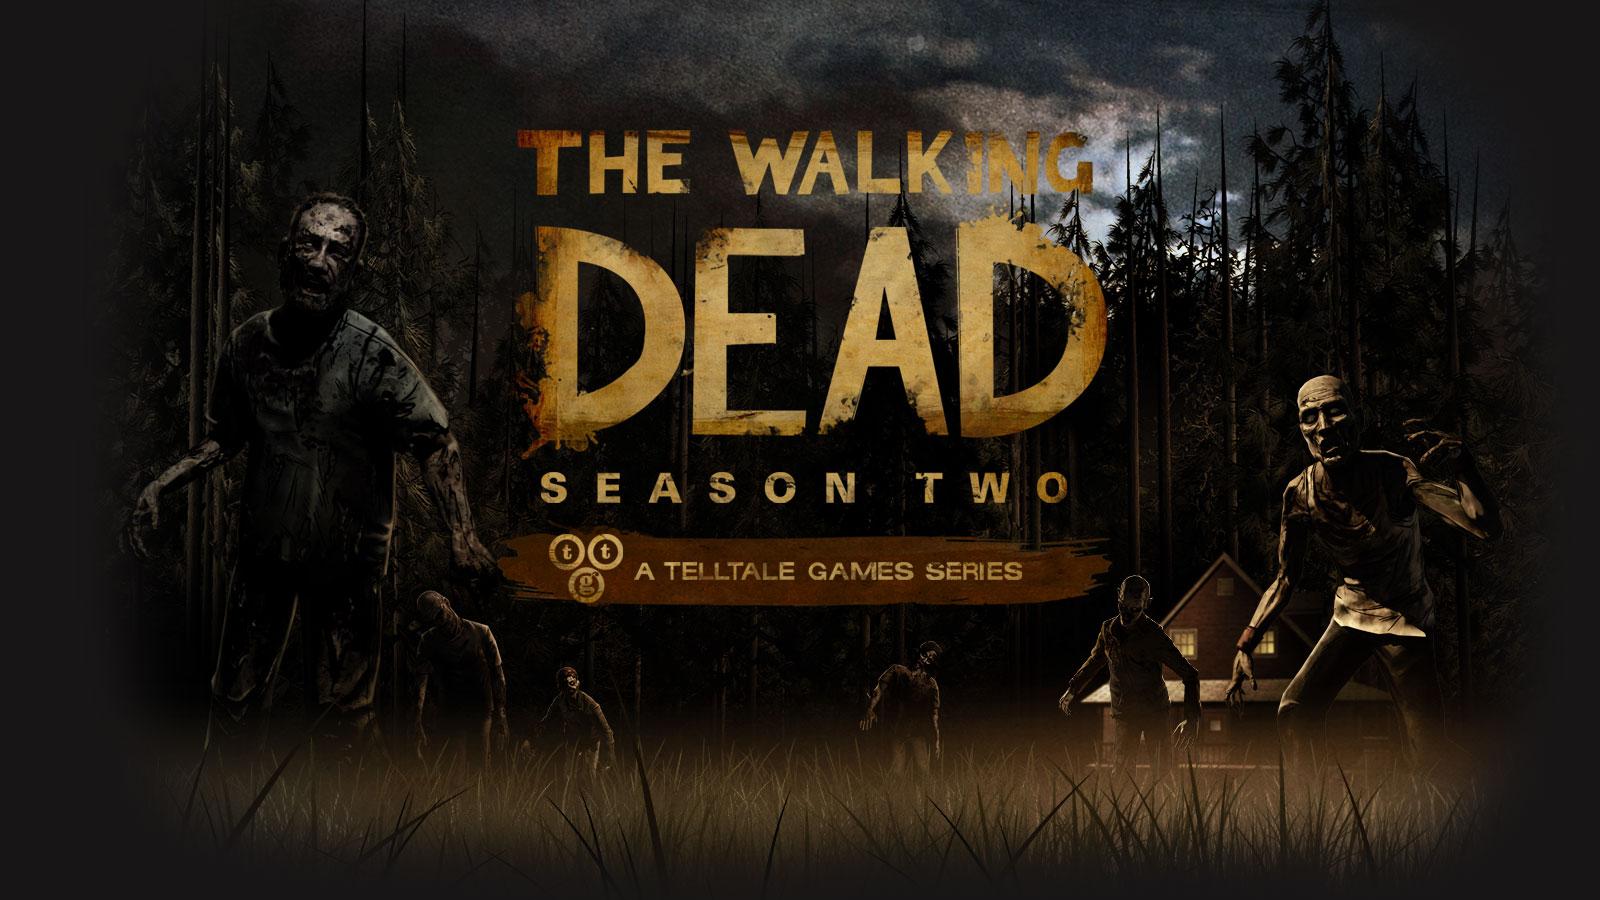 The Walking Dead season 2 Telltale Games